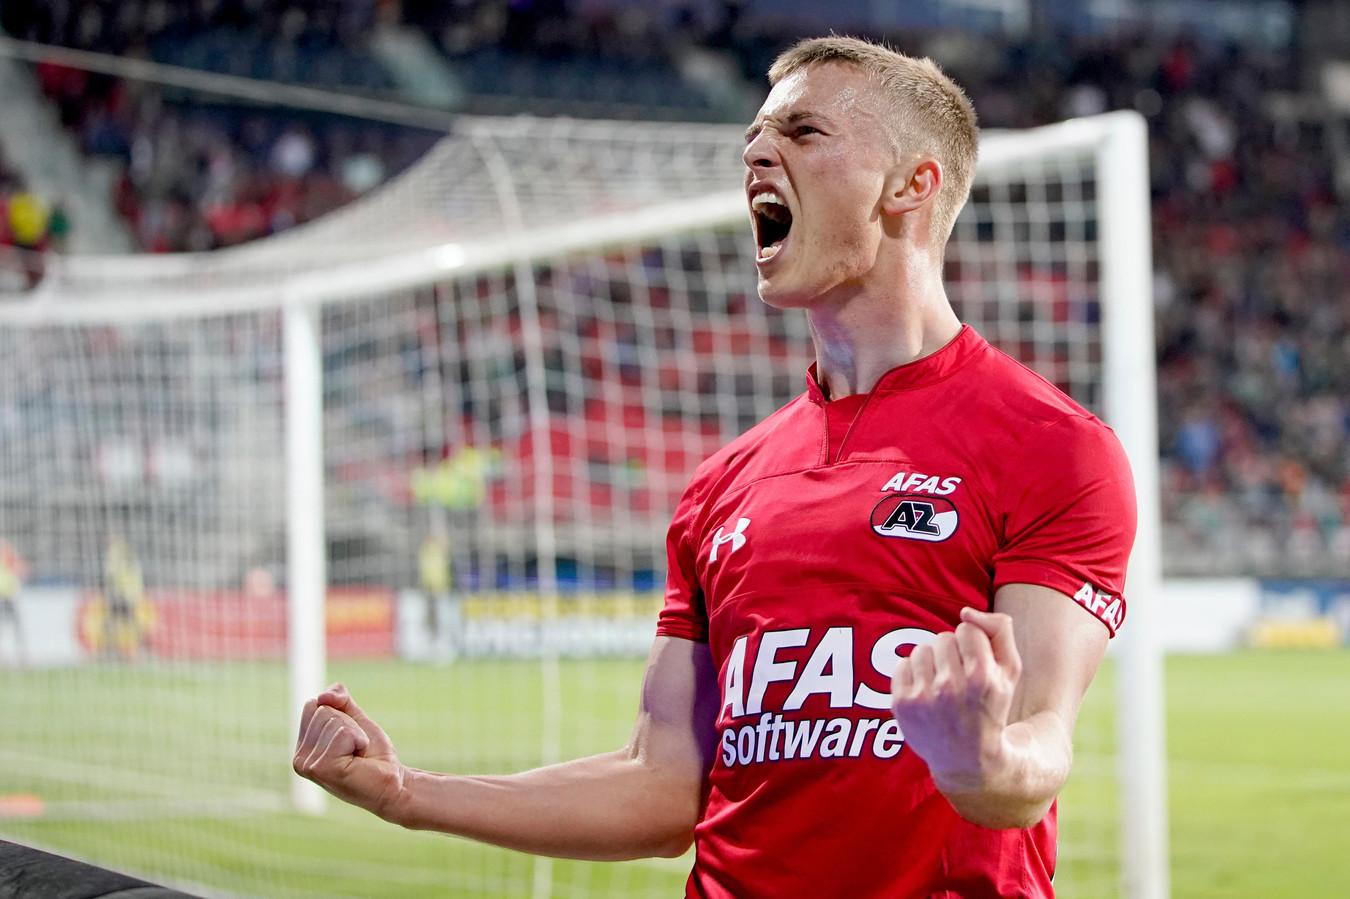 Albert Gudmundsson schreeuwt het uit na zijn goal.